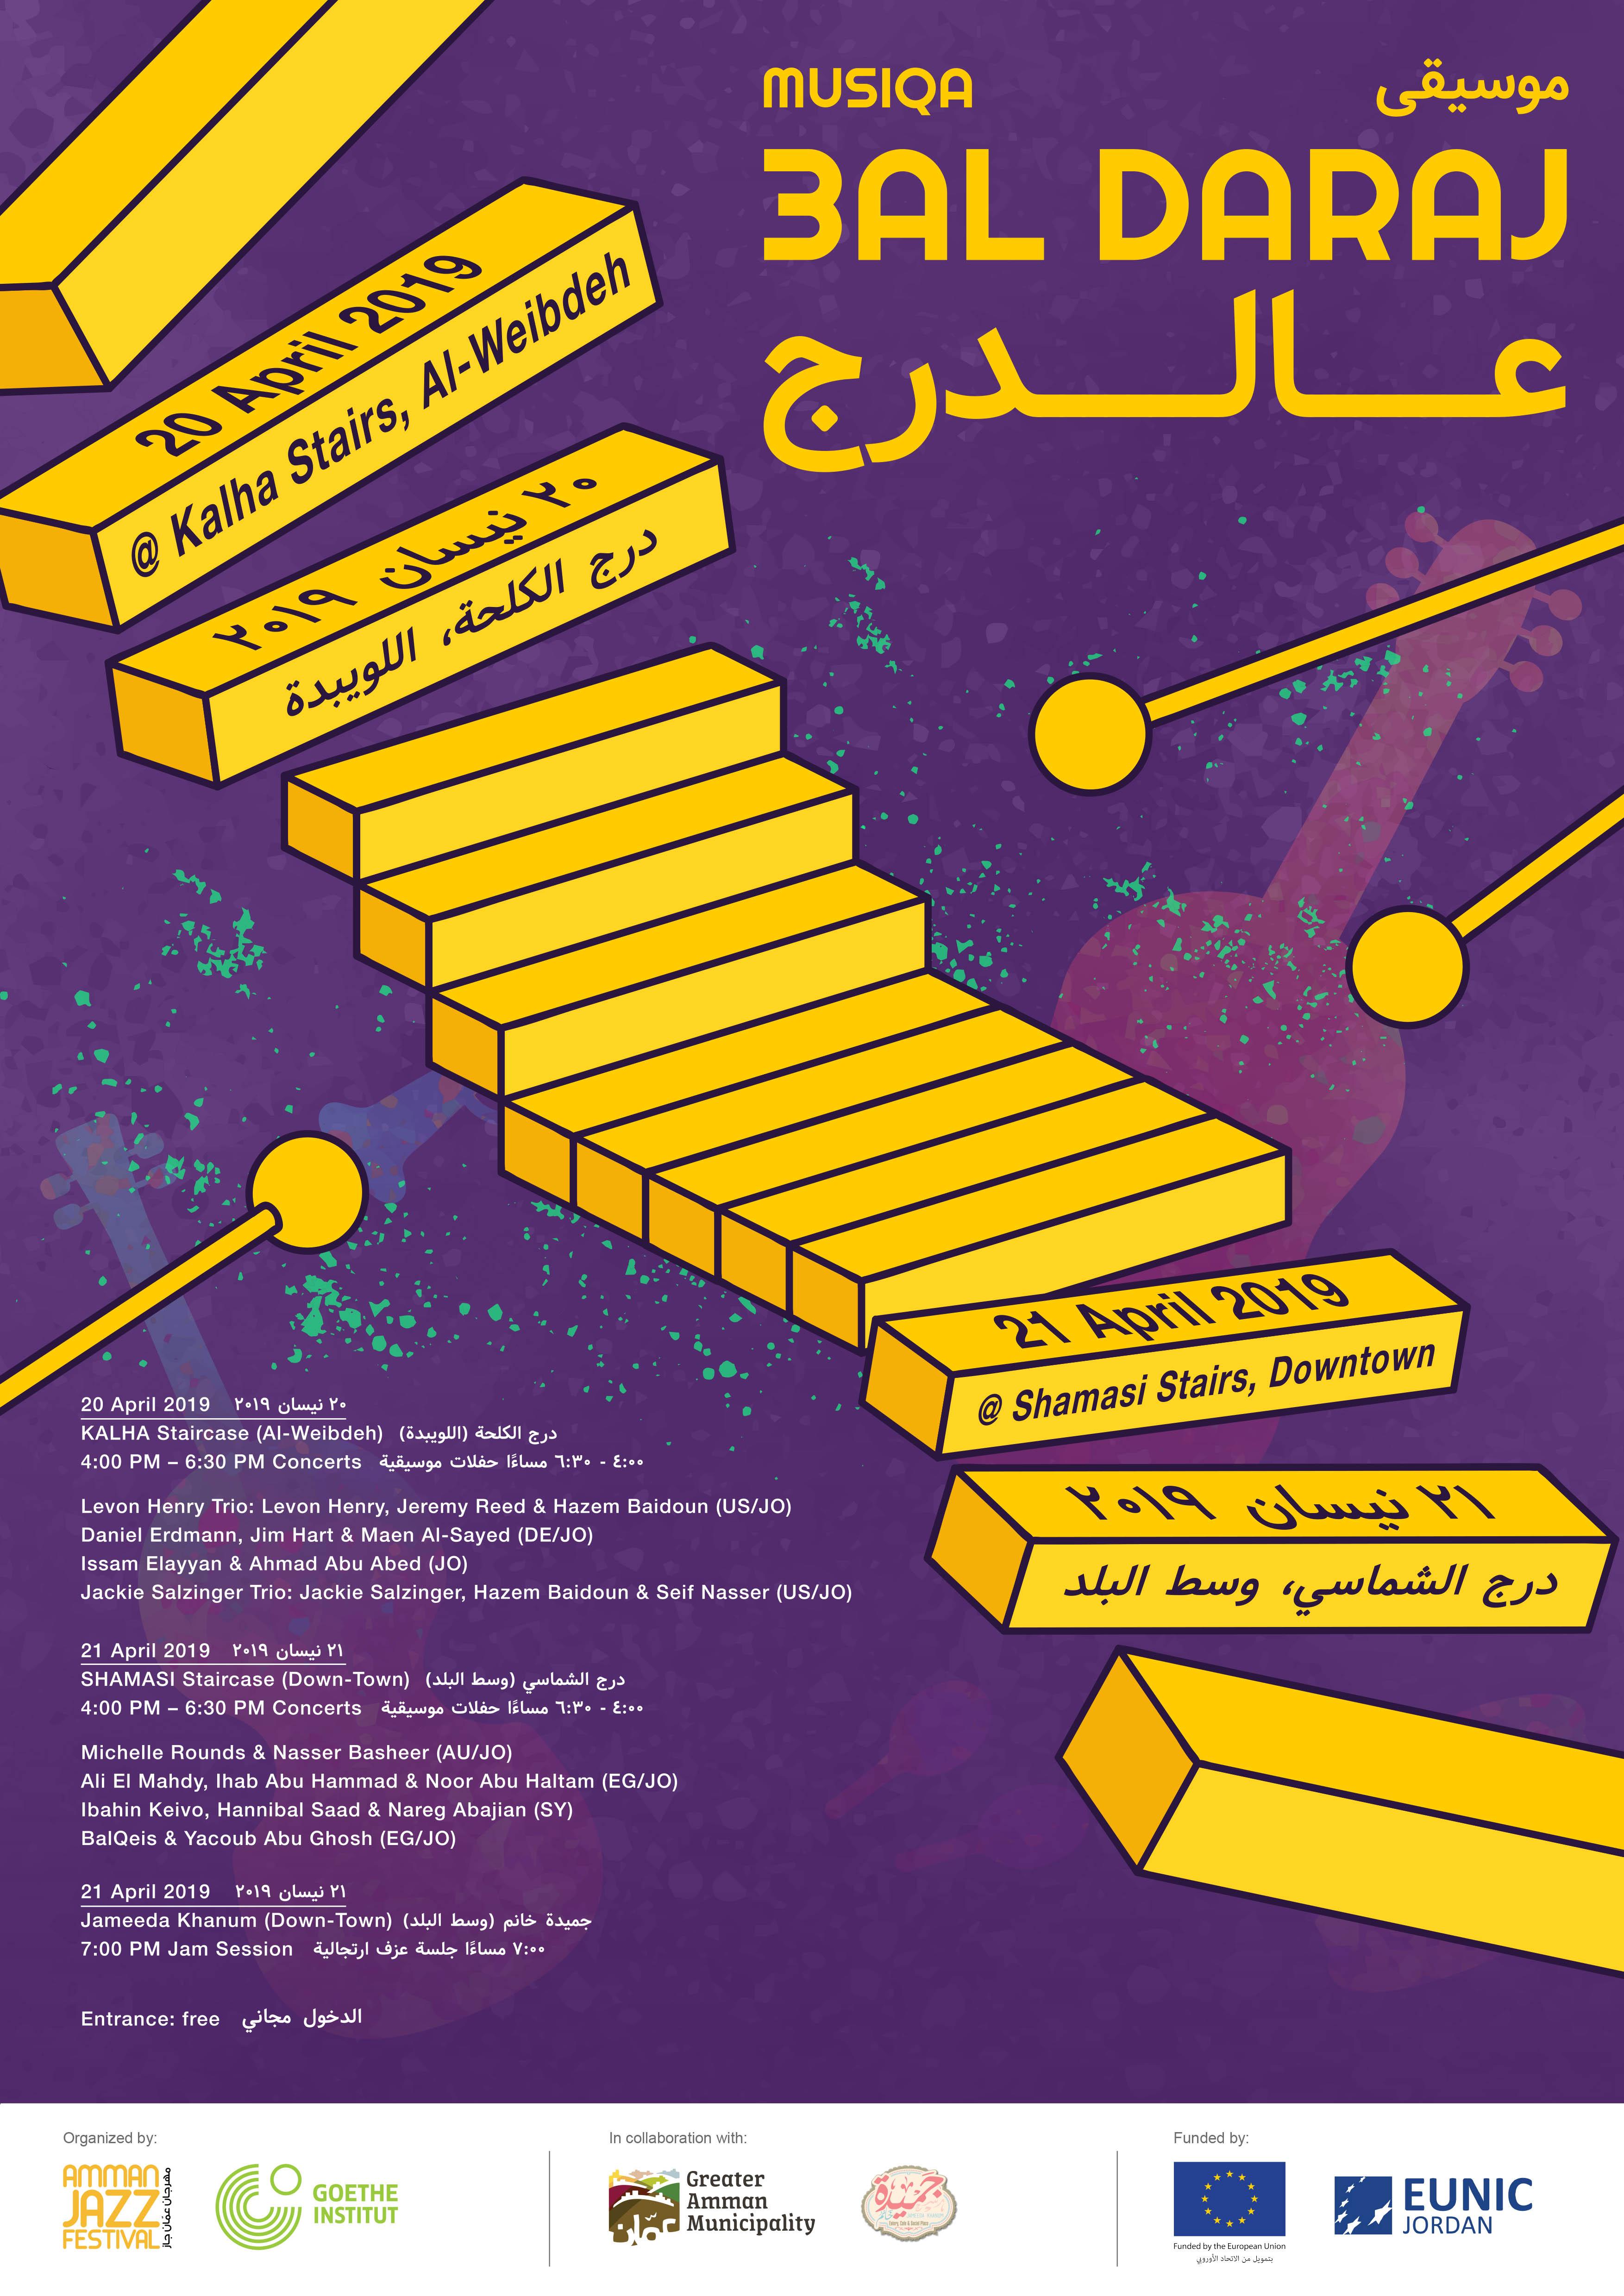 من موسيقى الجاز ... الى ادراج عمان القديمة...يومي السبت والاحد